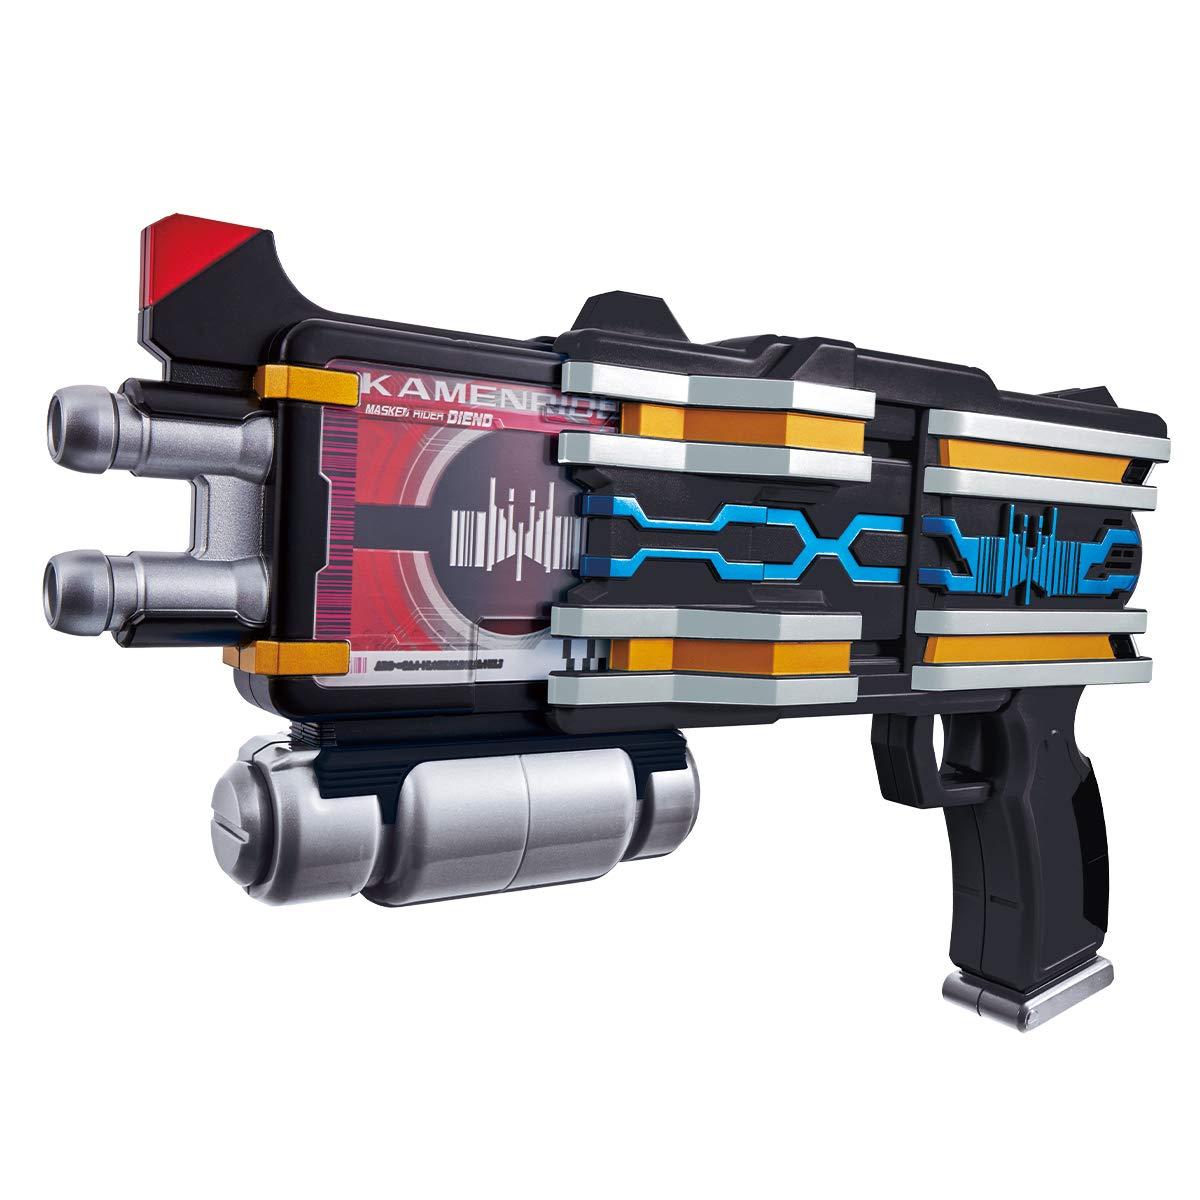 仮面ライダーディケイド『変身装填銃 ver.20th DXディエンドライバー』変身なりきり-003